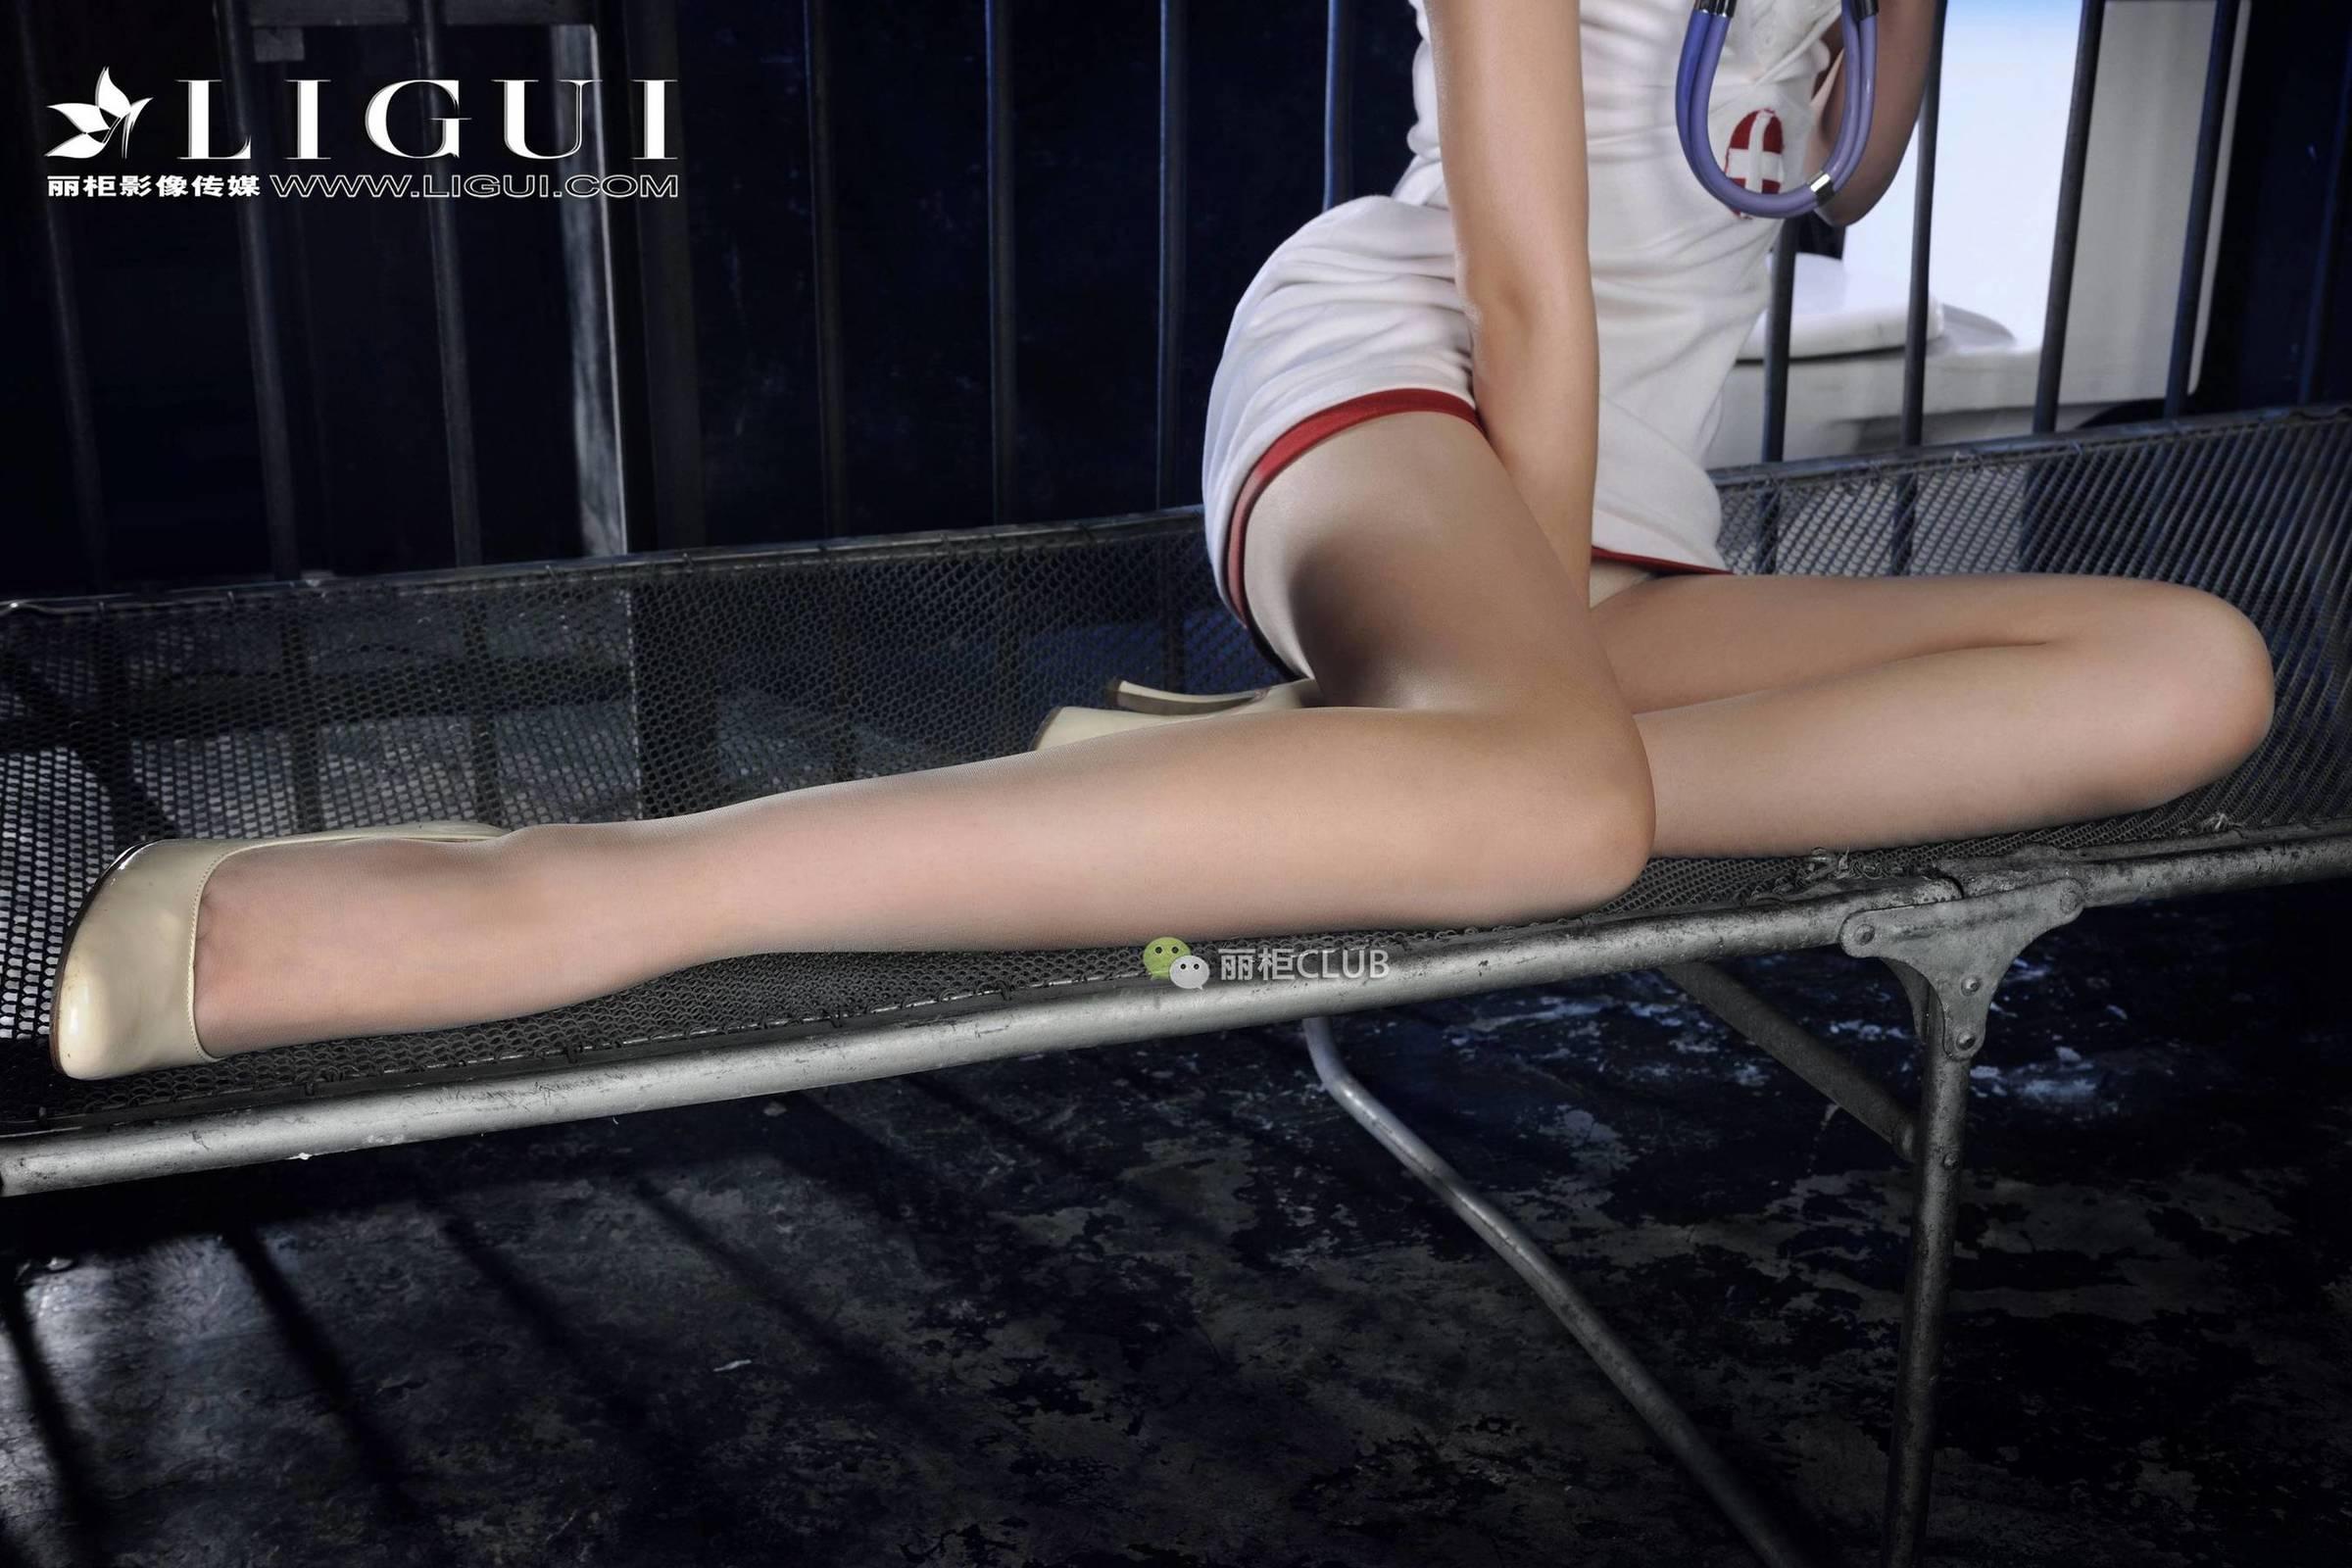 性感长筒靴高跟鞋在线热舞